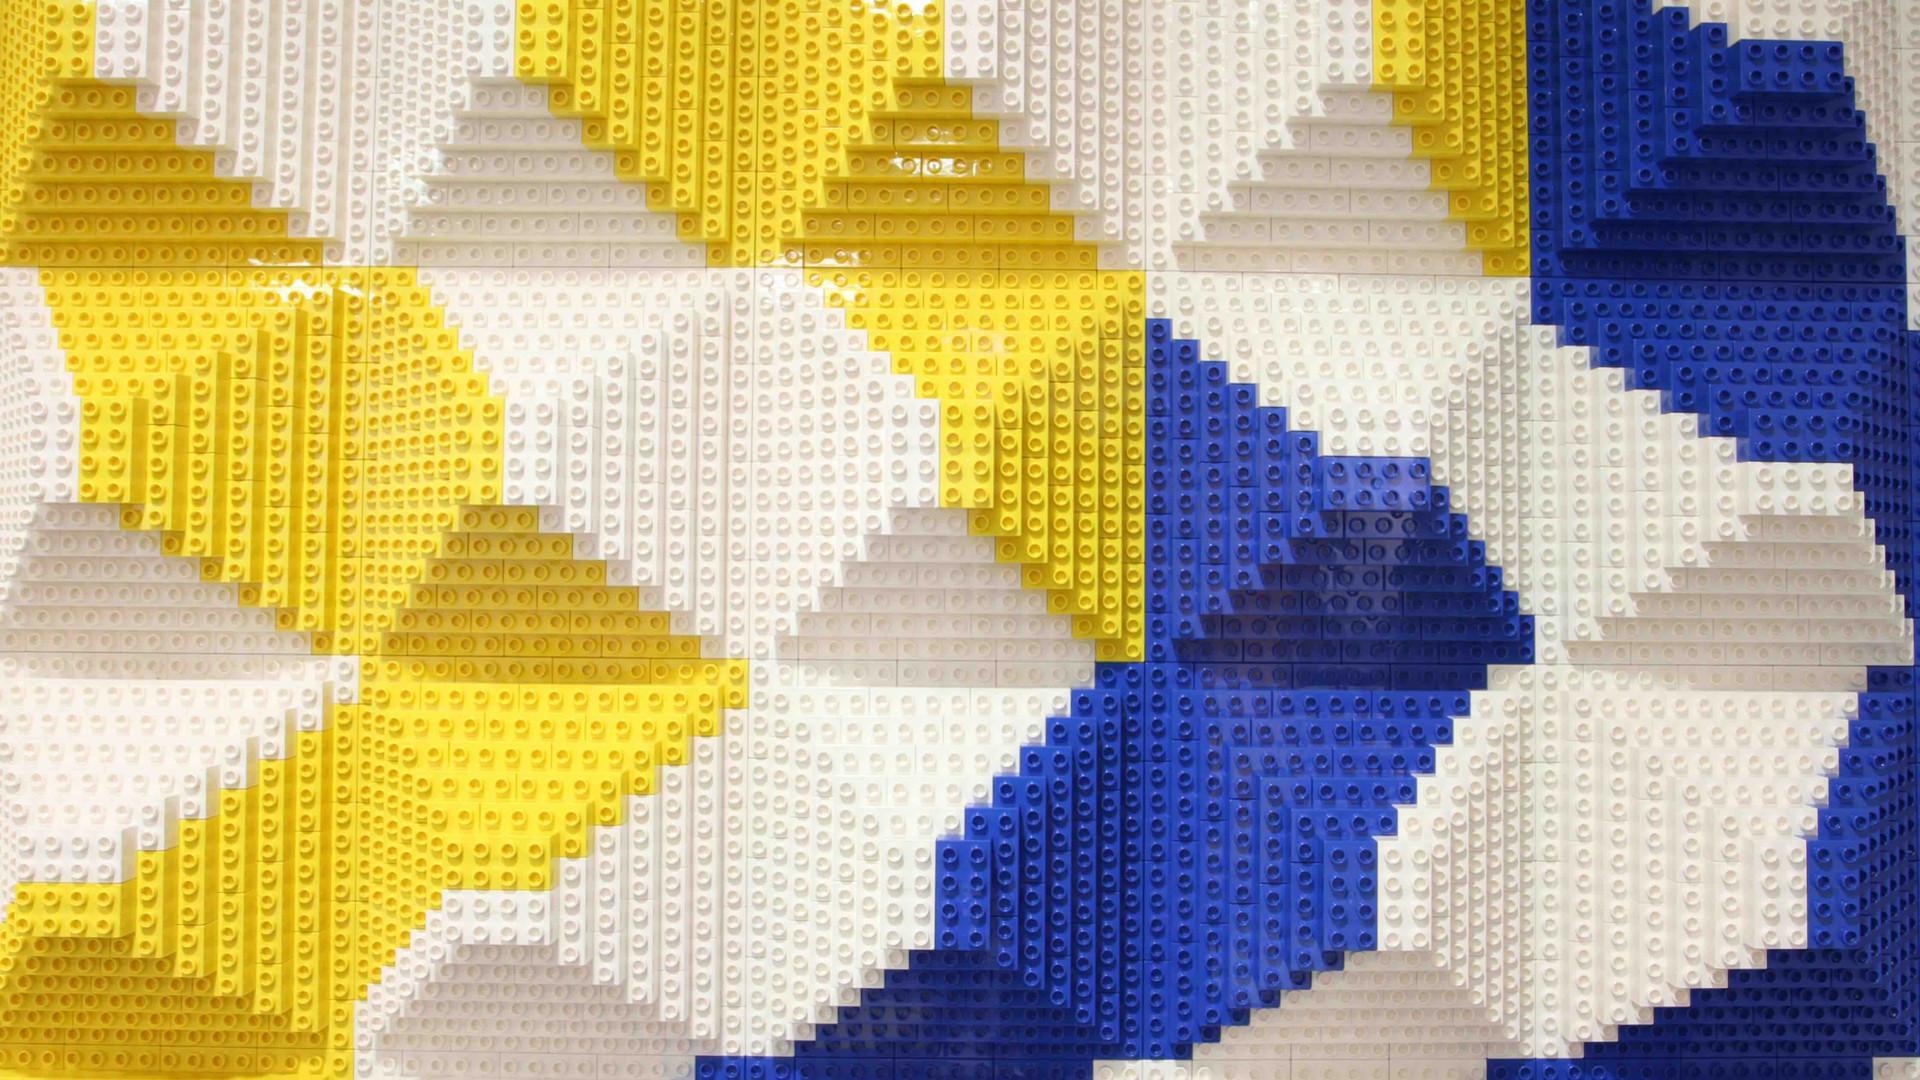 No. 432 Lego, 2013